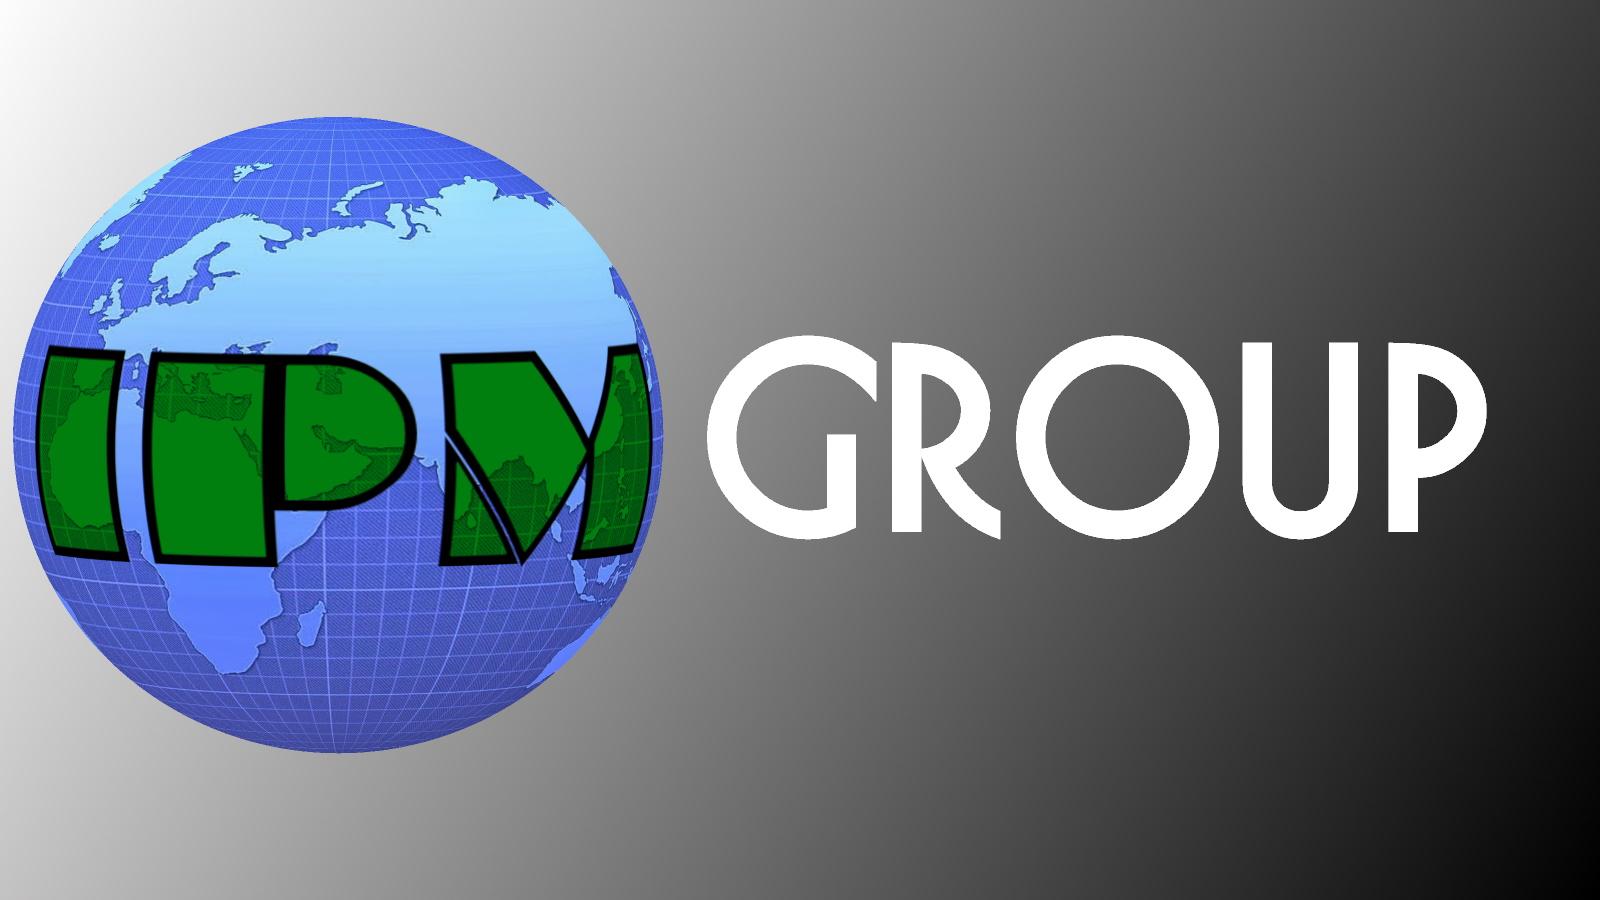 Разработка логотипа для управляющей компании фото f_3435f842345570ef.jpg